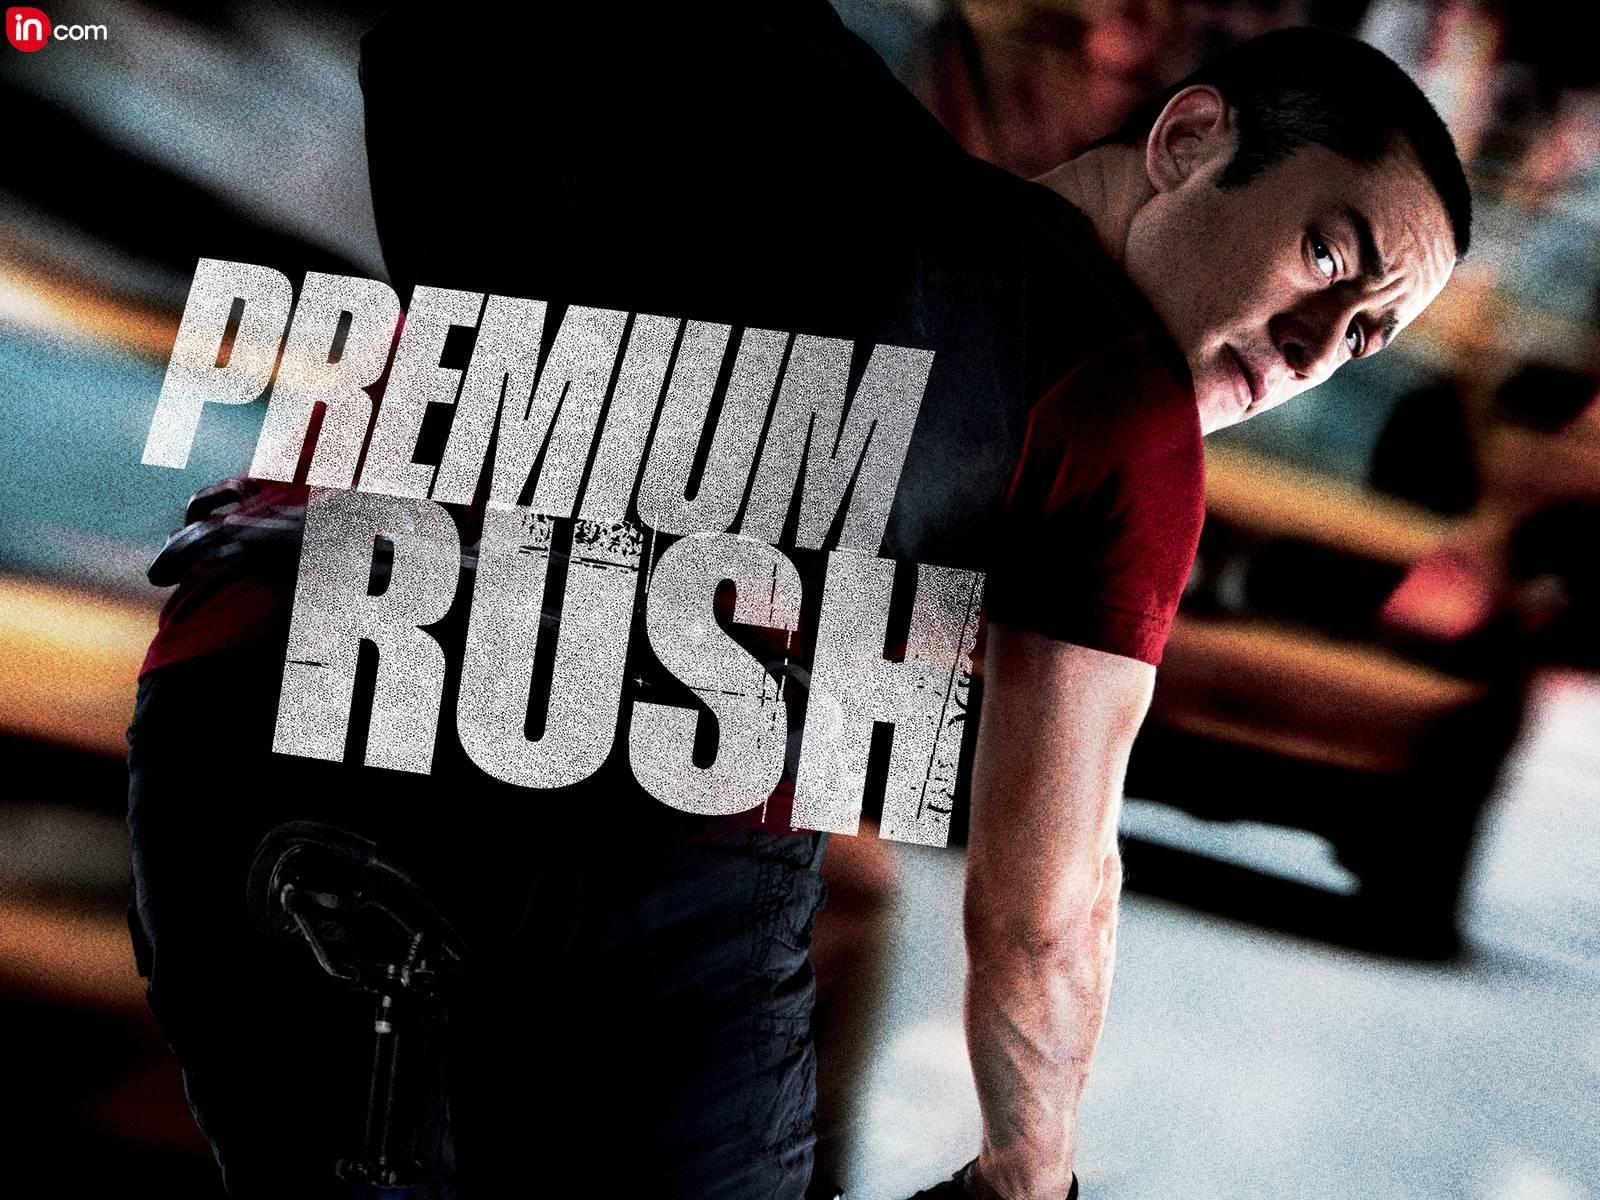 http://3.bp.blogspot.com/-EdHZew7w6Ko/UIN4D2gmYFI/AAAAAAAAApk/rR5MvmO5og0/s1600/Premium-Rush-2012-Movie-Wallpaper-39332.jpeg